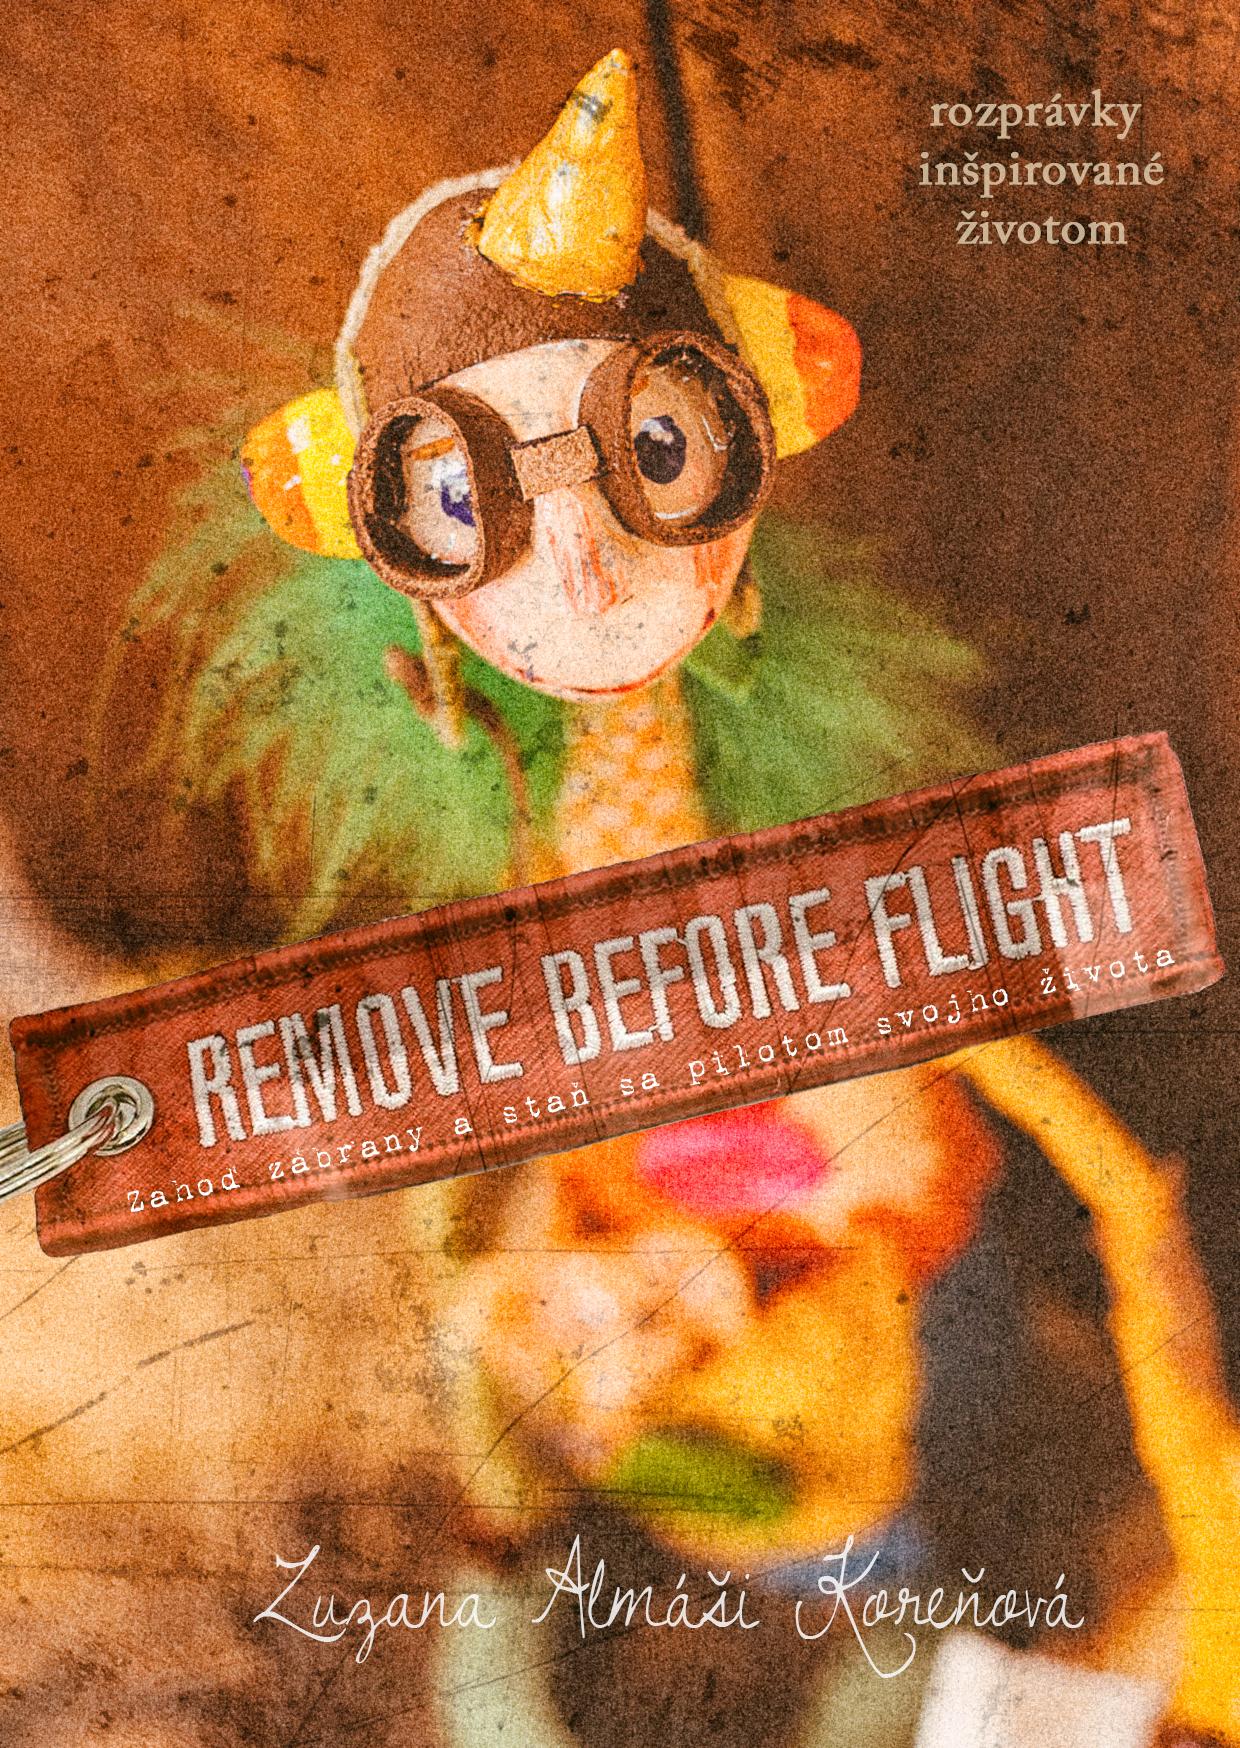 Remove before flight - Zahoď zábrany a staň sa pilotom svojho života